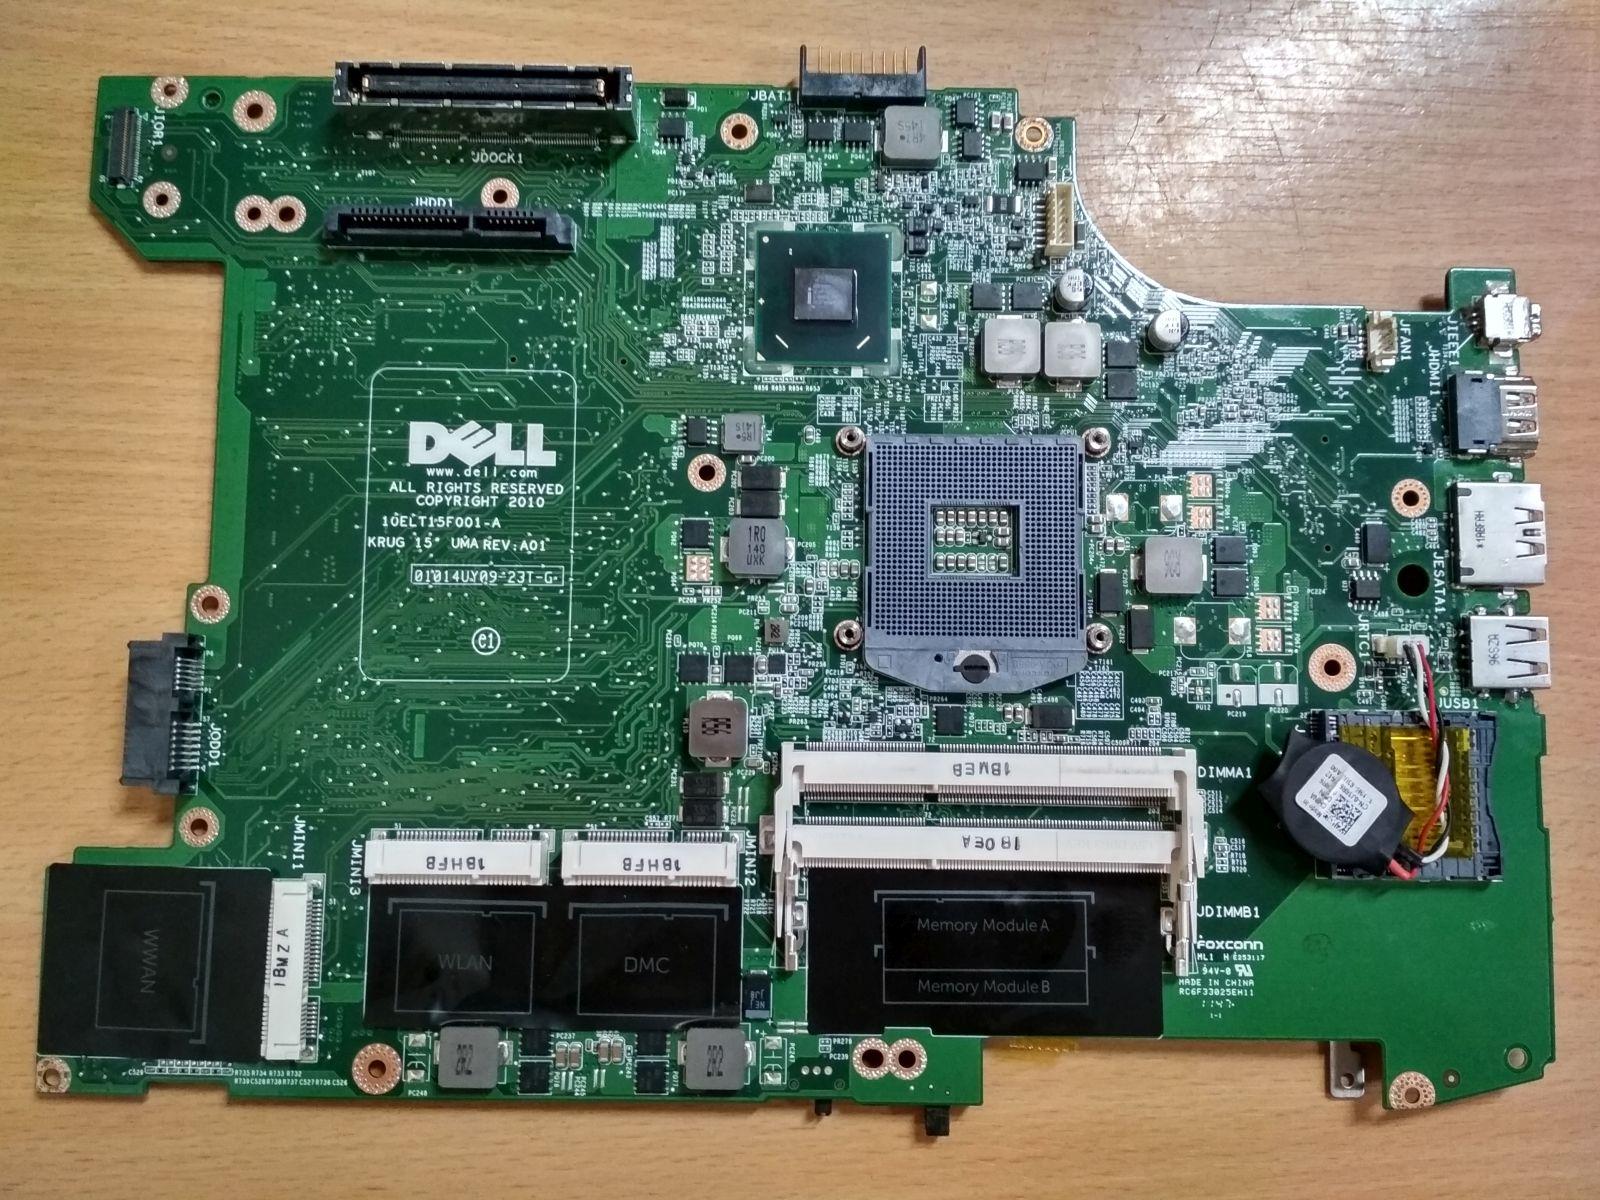 DELL Latitude E5520 0JD7TC 10ELT15F001-A 01014UY09-23T-G  Laptop Alaplap használt 1 hó gar!